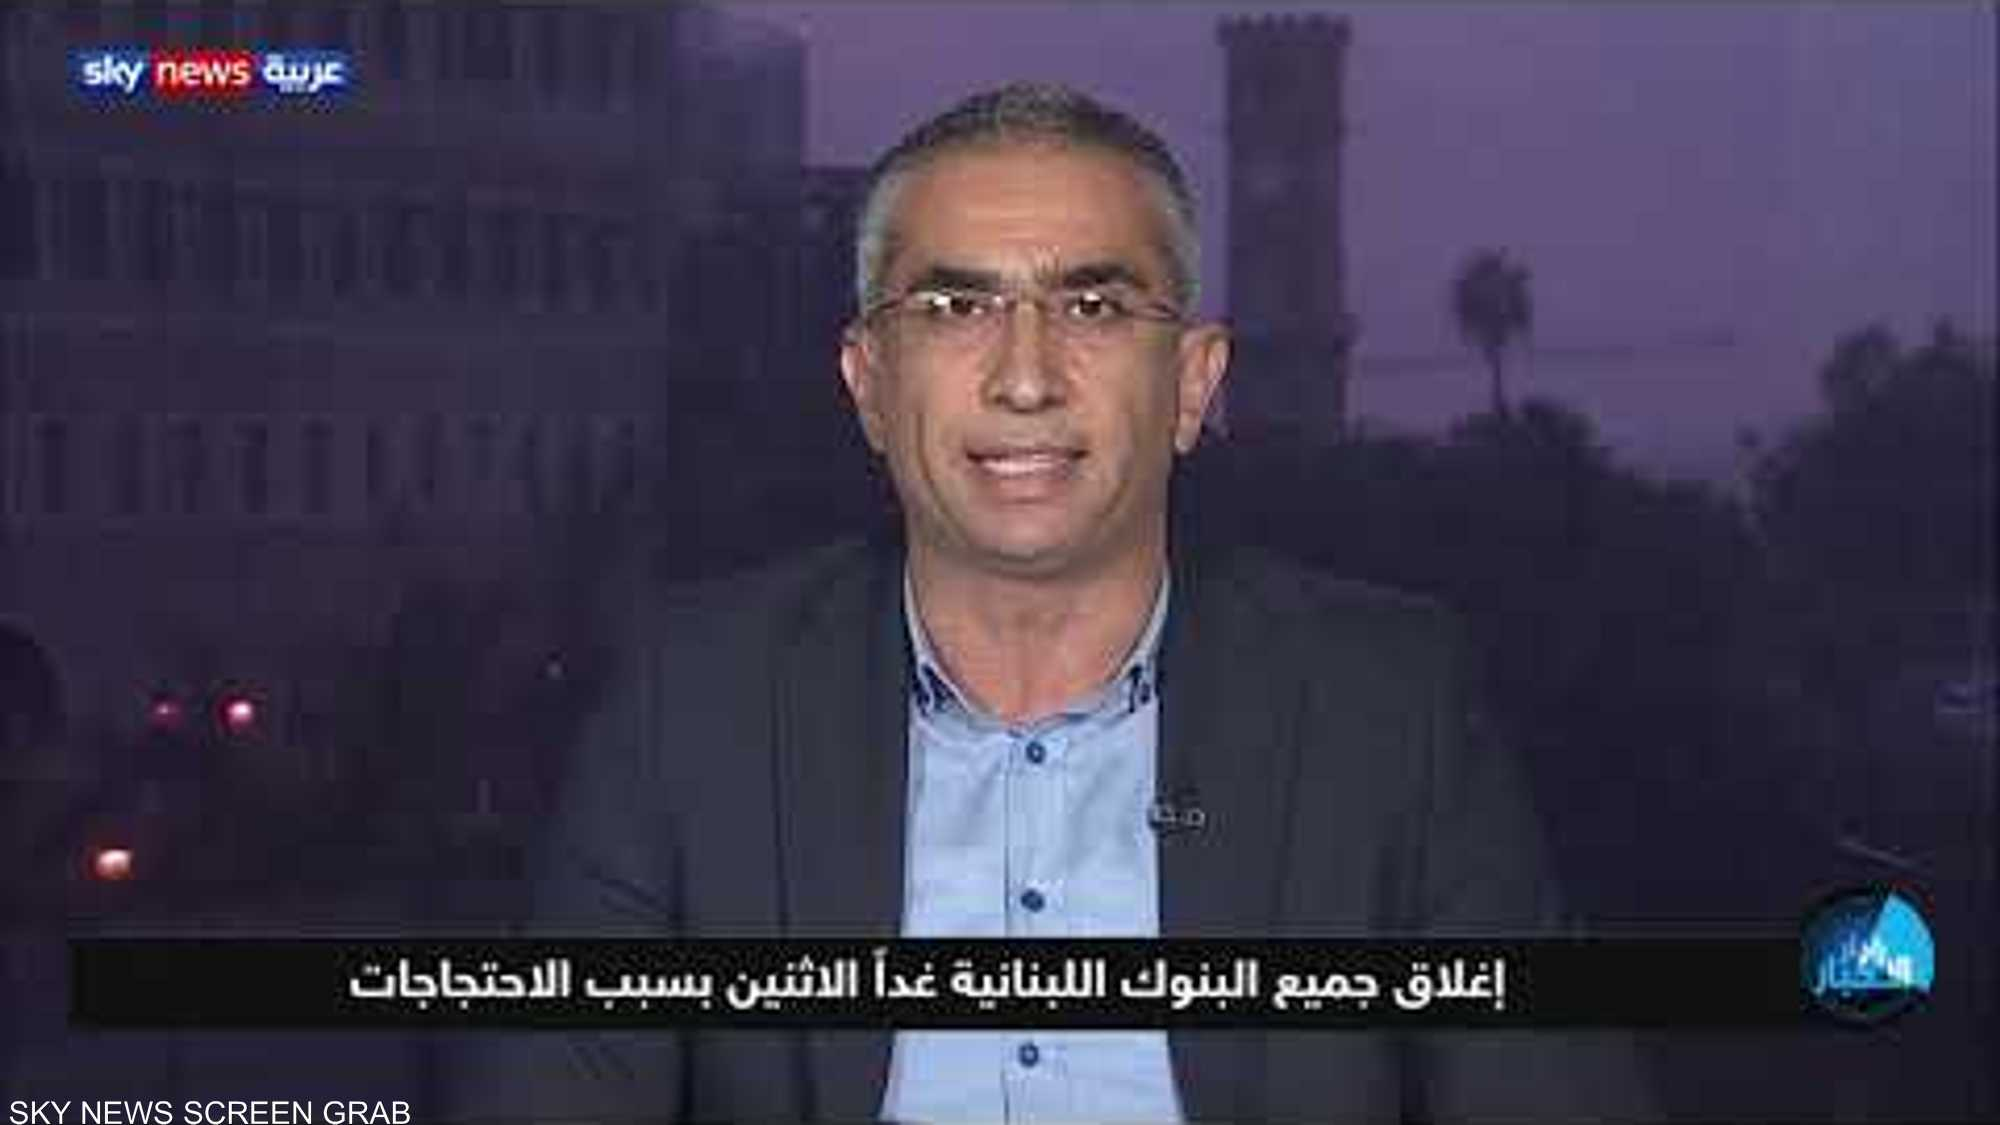 استمرار التظاهرات في لبنان لليوم الرابع على التوالي